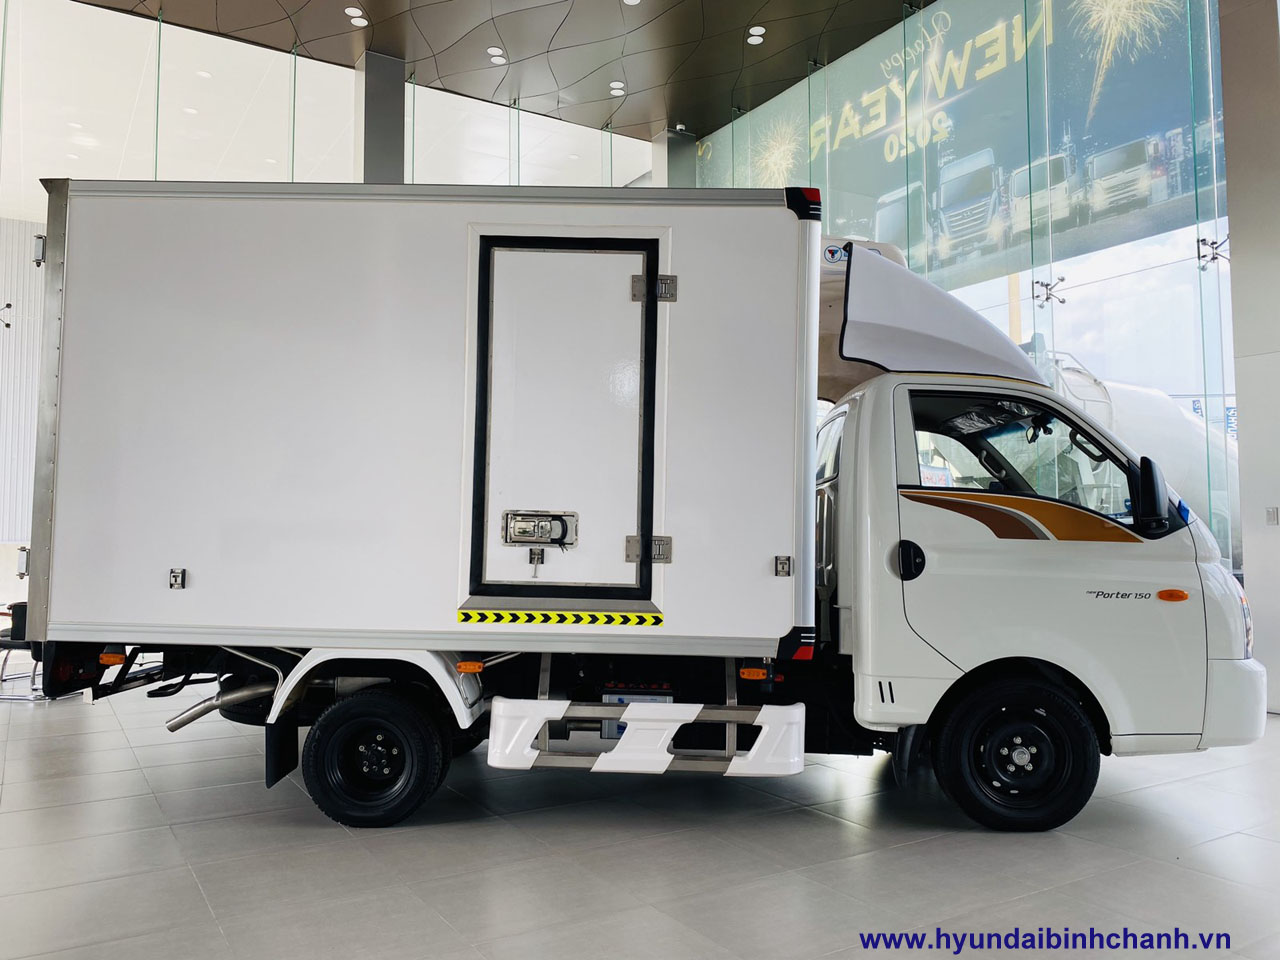 hyundai-h150-dong-lanh-02 Hyundai H150 đông lạnh xe tải đông lạnh 1t2 tốt nhất phân khúc | Hyundai Phú Lâm